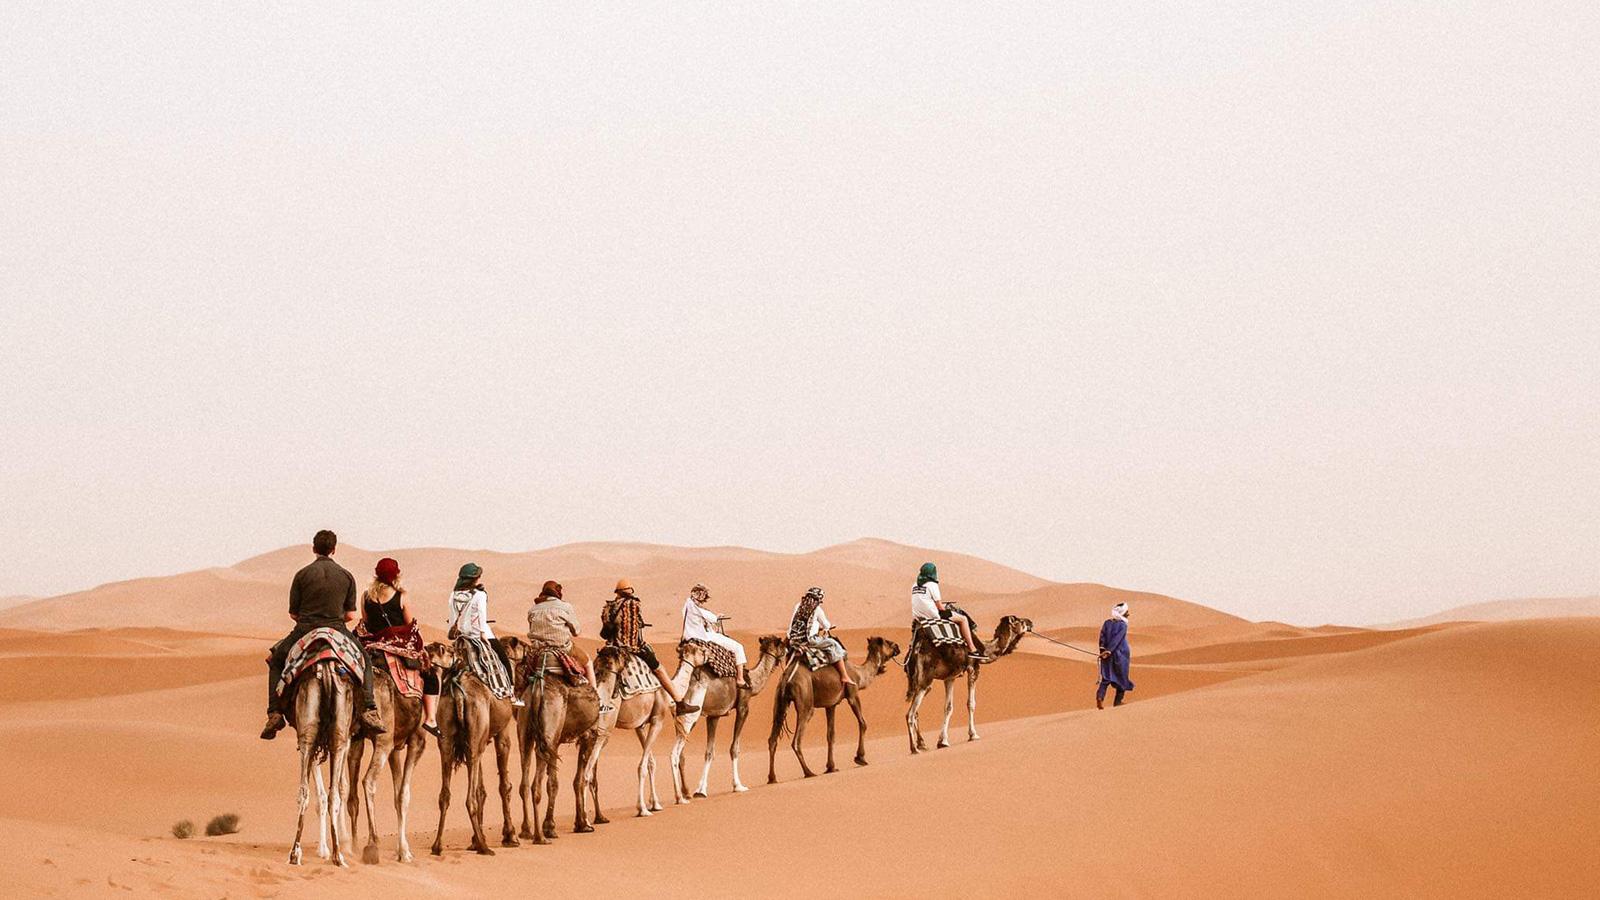 Marokko Erlebnisreise Von den Königstädten bis zur Sahara Wüste Gruppenreisen für junge Leute Marokko traveljunkies